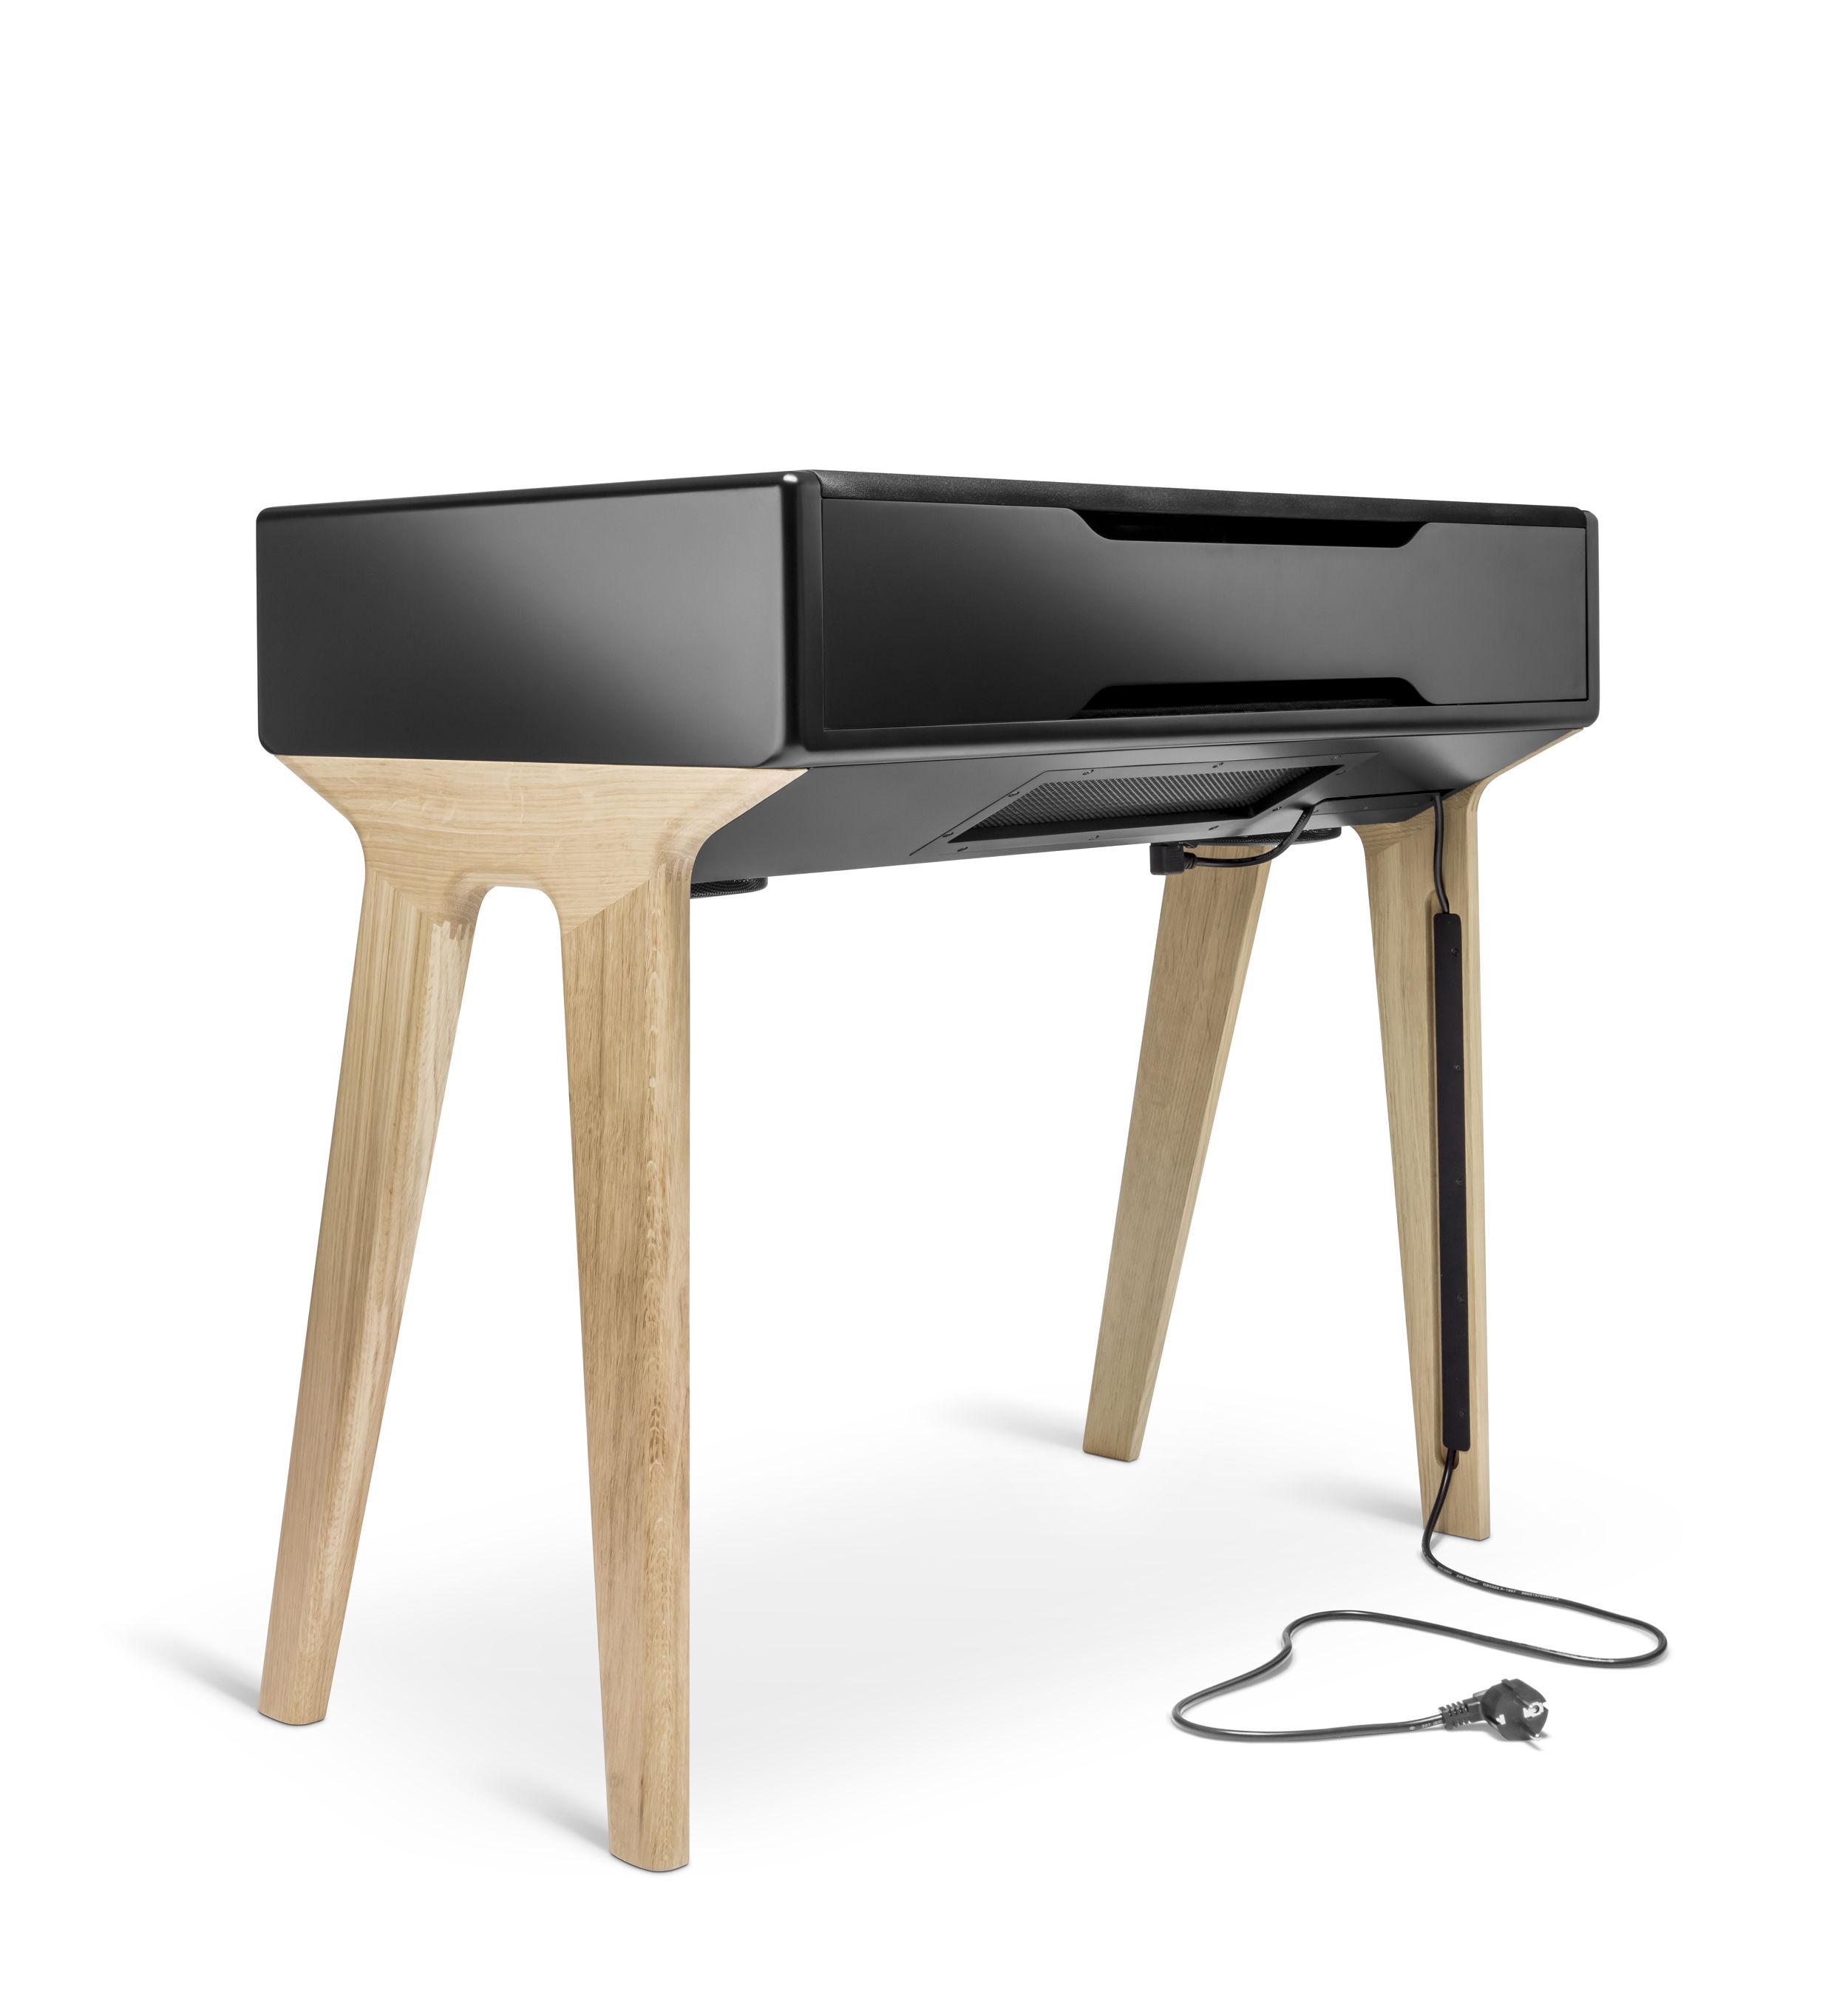 bureau lp 160 enceinte acoustique haute fid lit bluetooth noir laqu ch ne la bo te concept. Black Bedroom Furniture Sets. Home Design Ideas